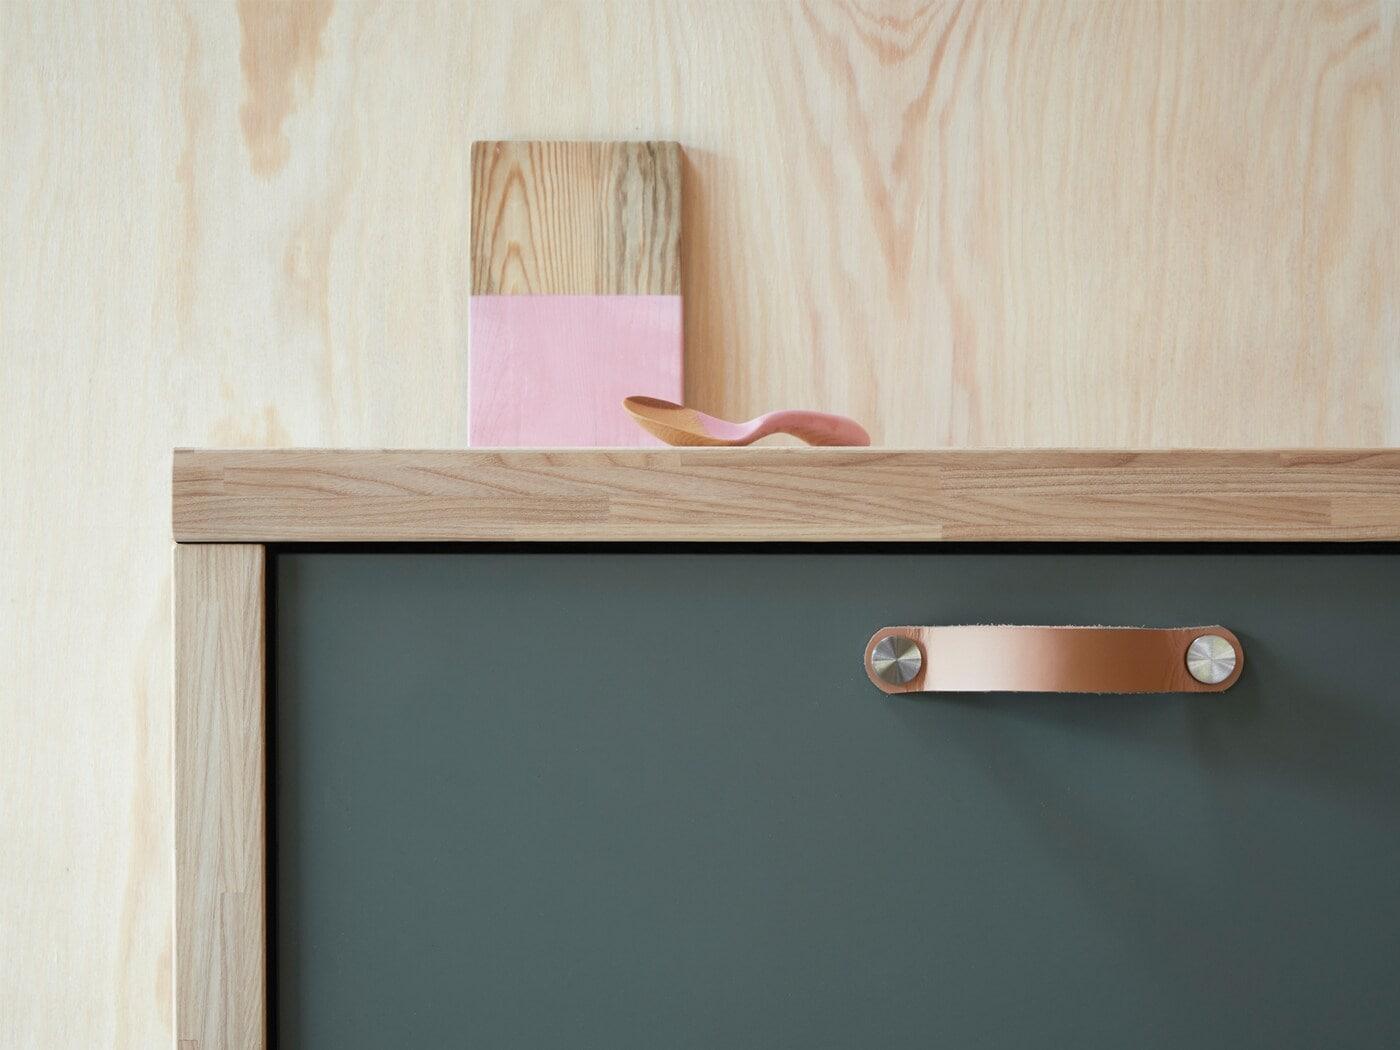 Kuchyňská zásuvka s čelem BODARP v matné šedo-zelené barvě pro moderní vzhled